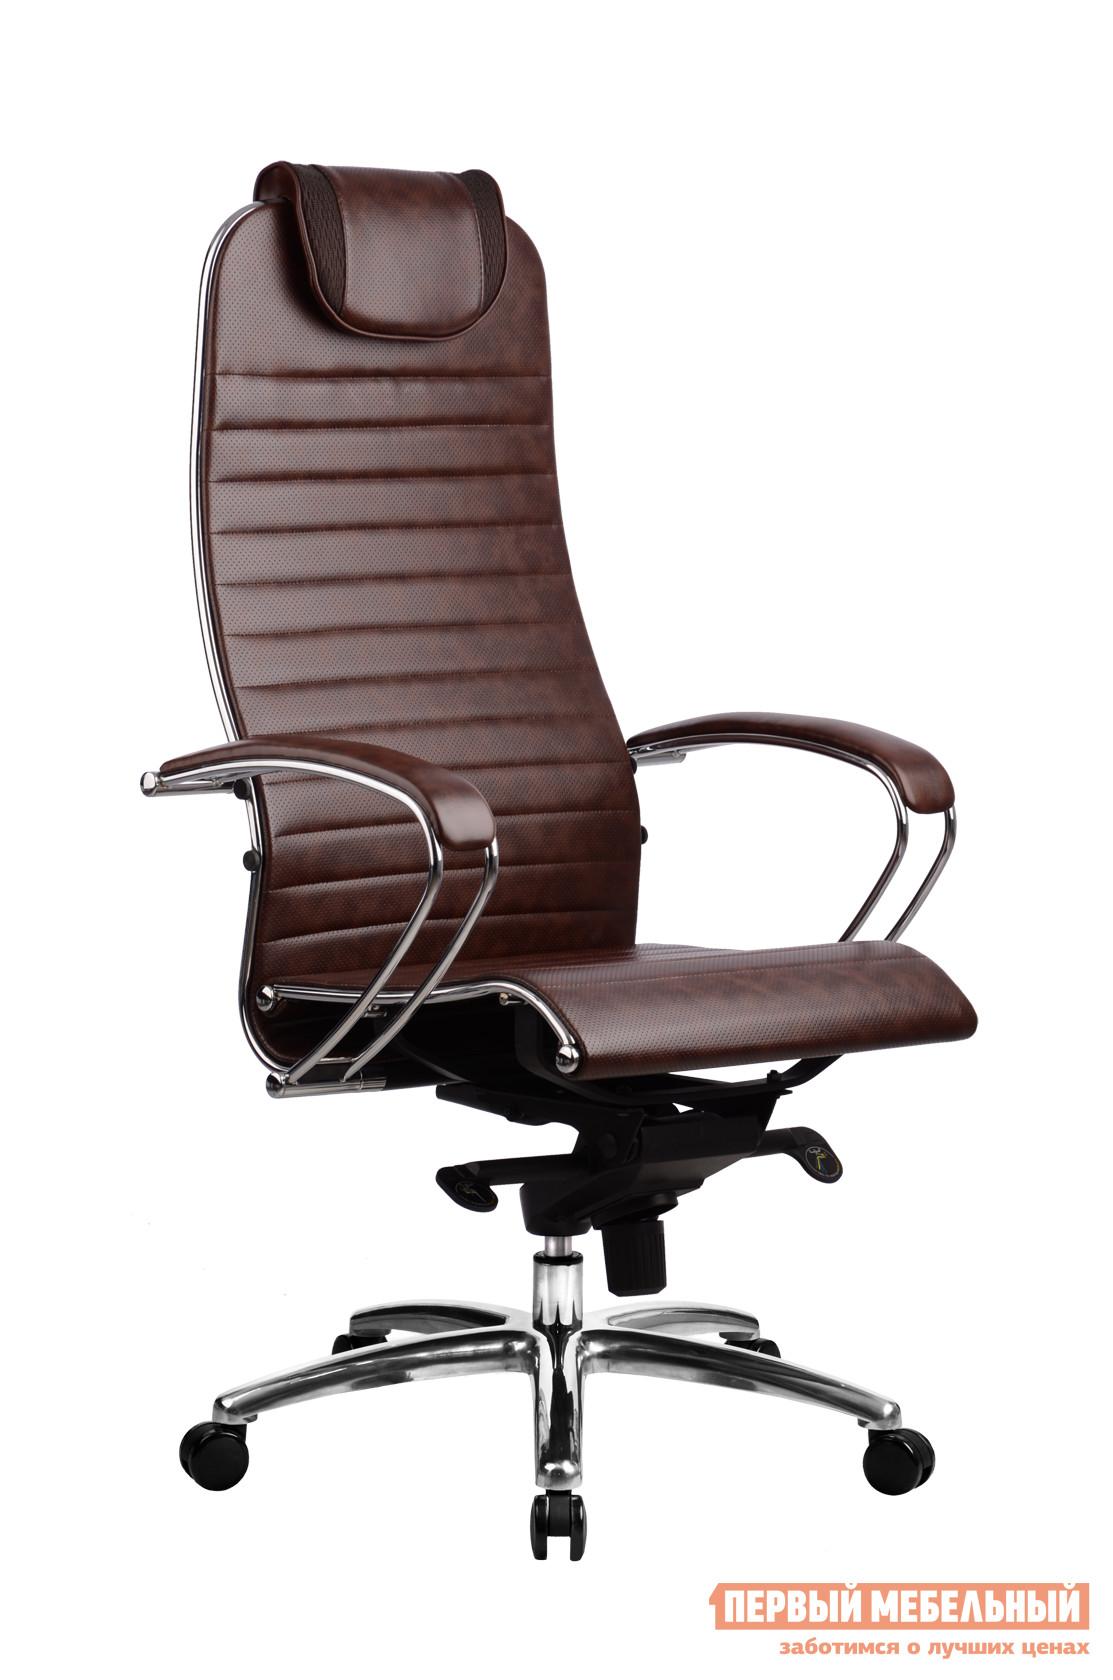 Кресло руководителя Метта Samurai K-1.02 Кожа перфорированная темно-коричневая